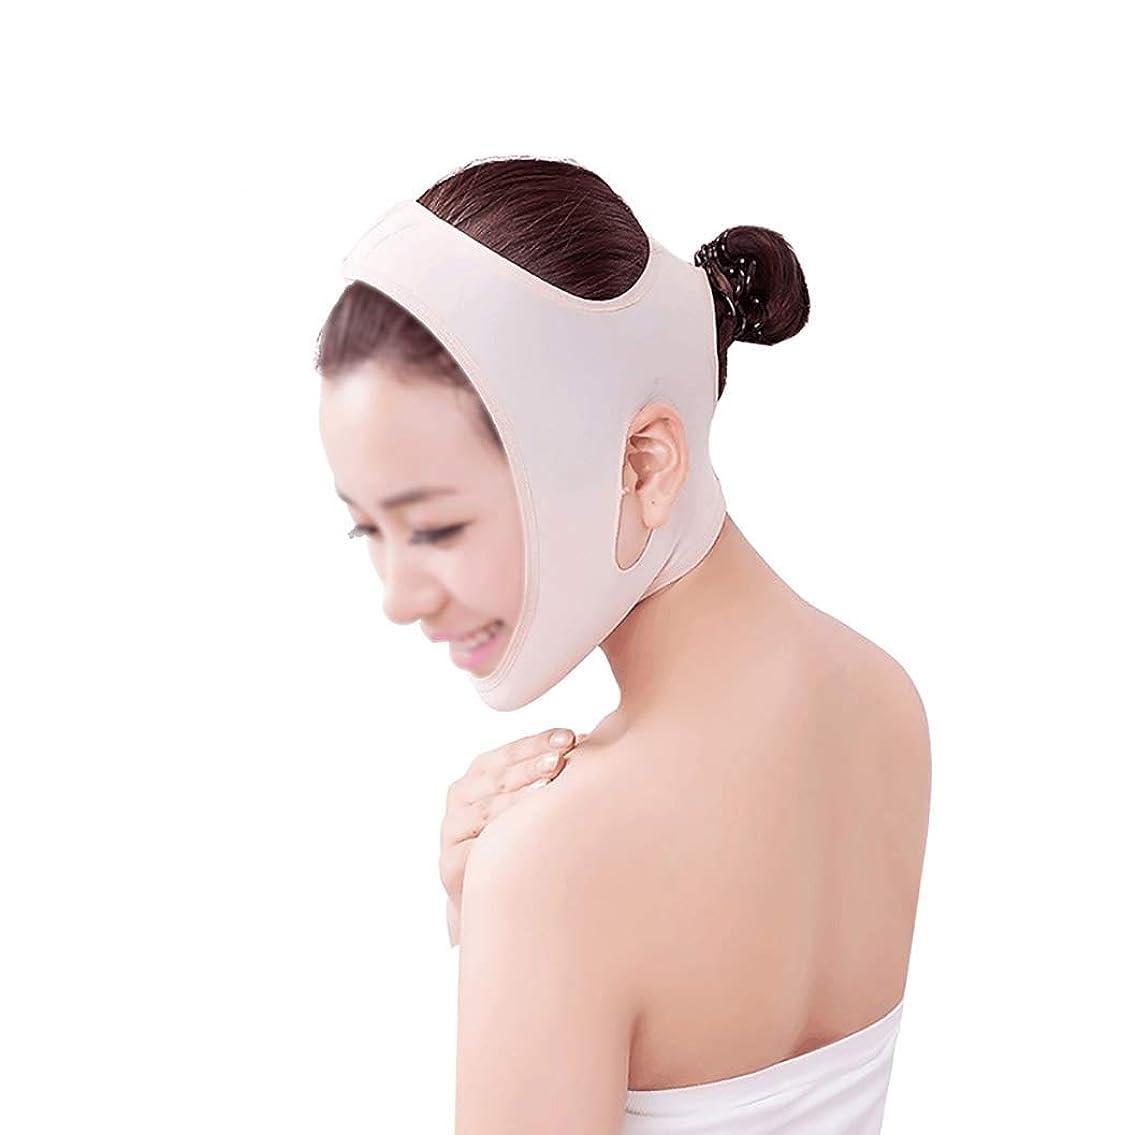 風邪をひく応援するかんたんフェイス&ネックリフト術後弾性セット美容マスク小Vフェイスアーティファクトタイトリフティングエラスティックバンドリフティングフェイスシンフェイス包帯(サイズ:L),S